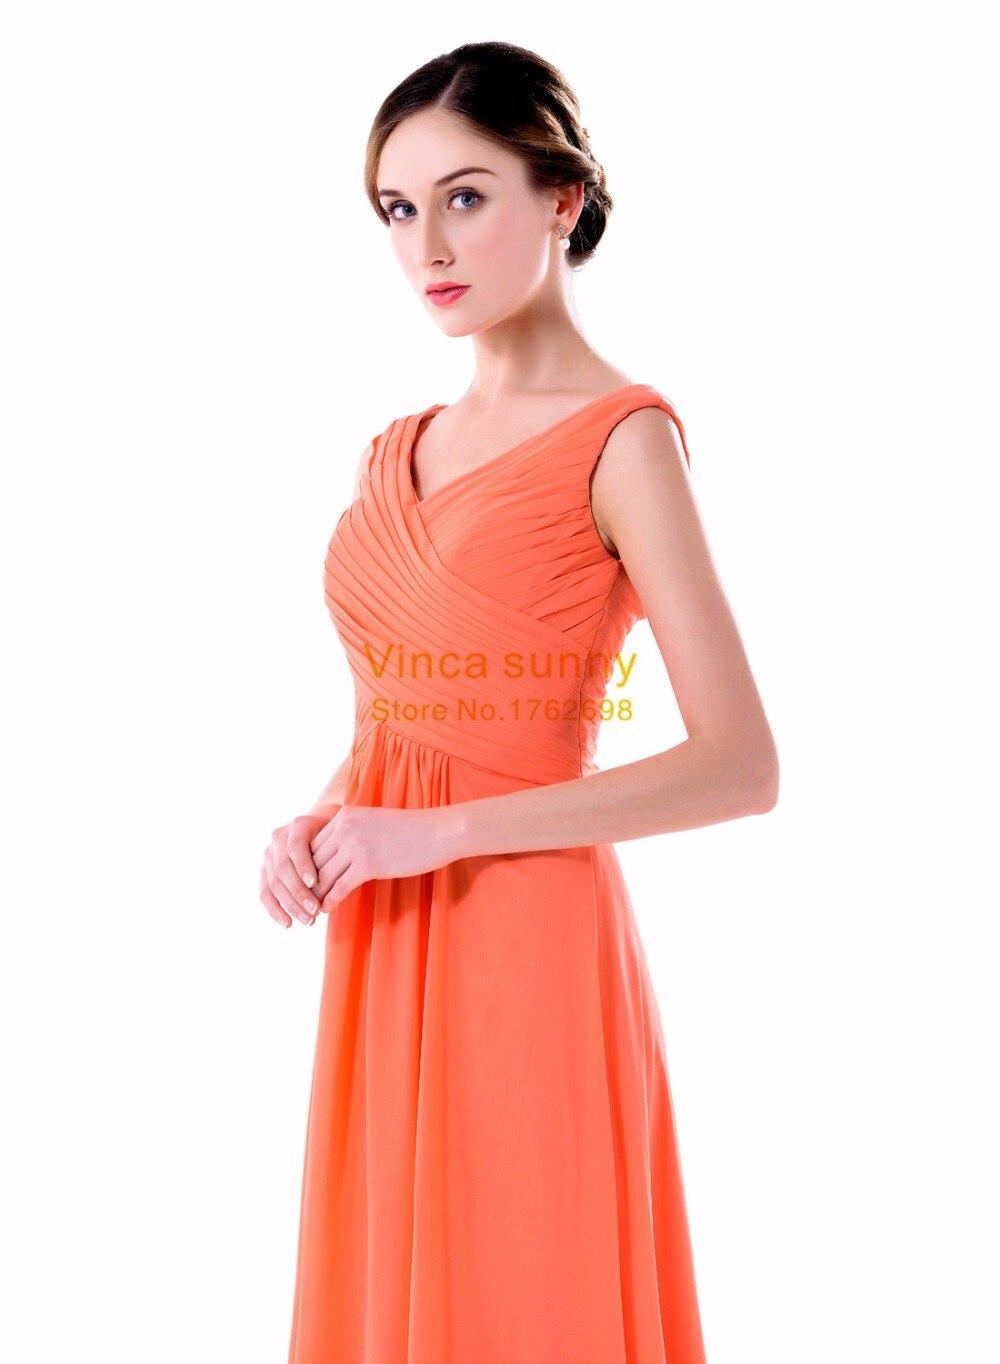 Aliexpress.com   Buy Vinca sunny Elegant Women Chiffon V Neck Bridesmaid  Dresses cheap vestido festa casamento longo madrinha dress for bridesmaid  from ... 16c9dc60f459